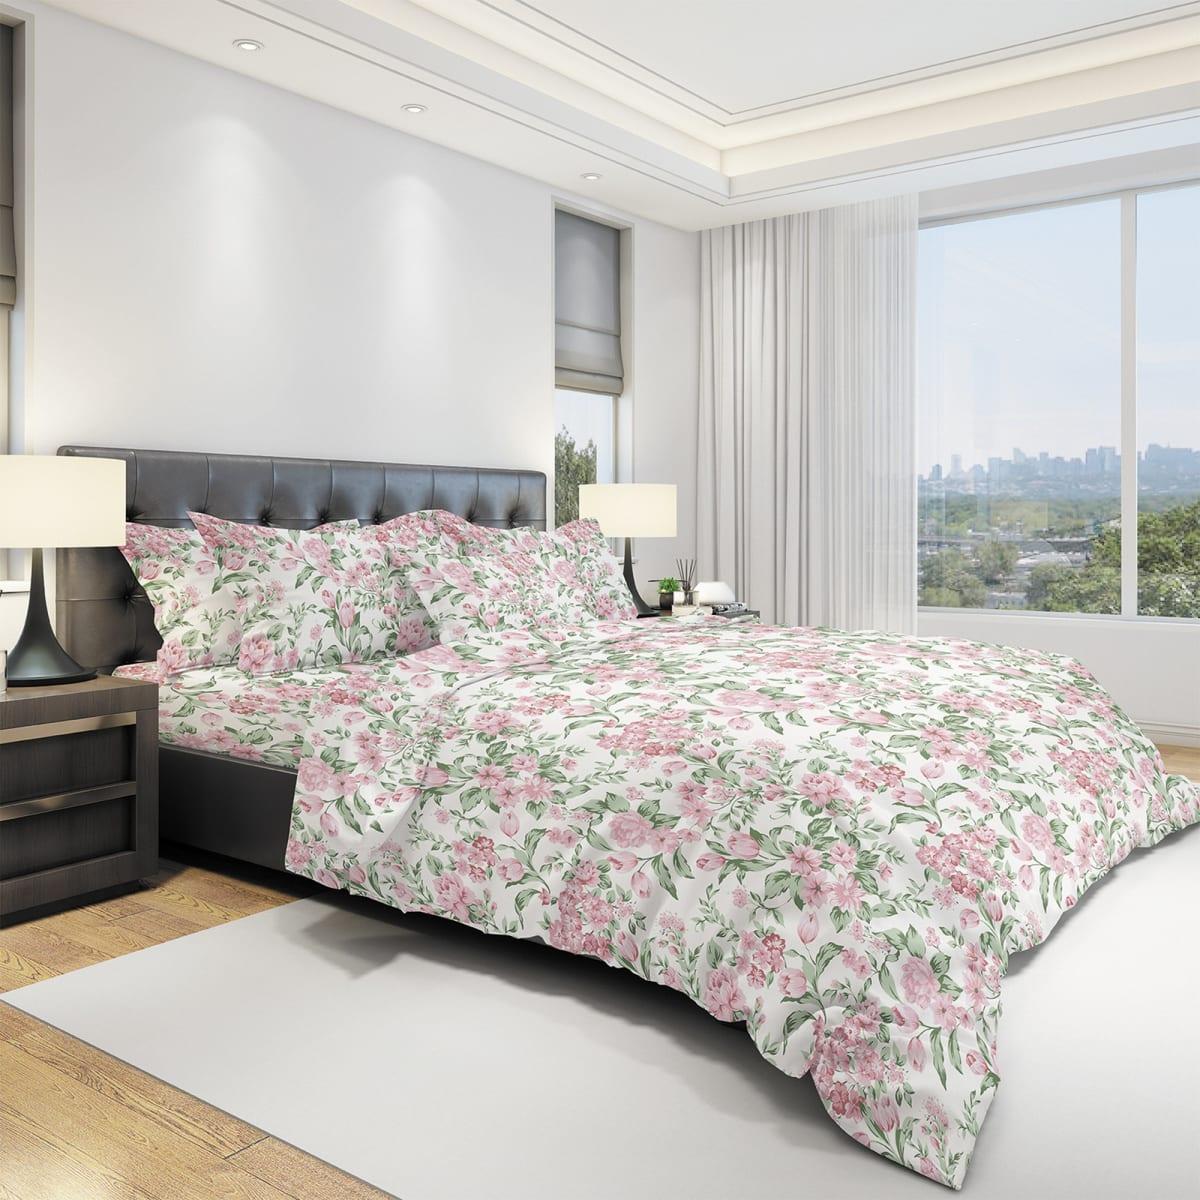 Комплект постельного белья семейный Amore Mio Primavera, бязь